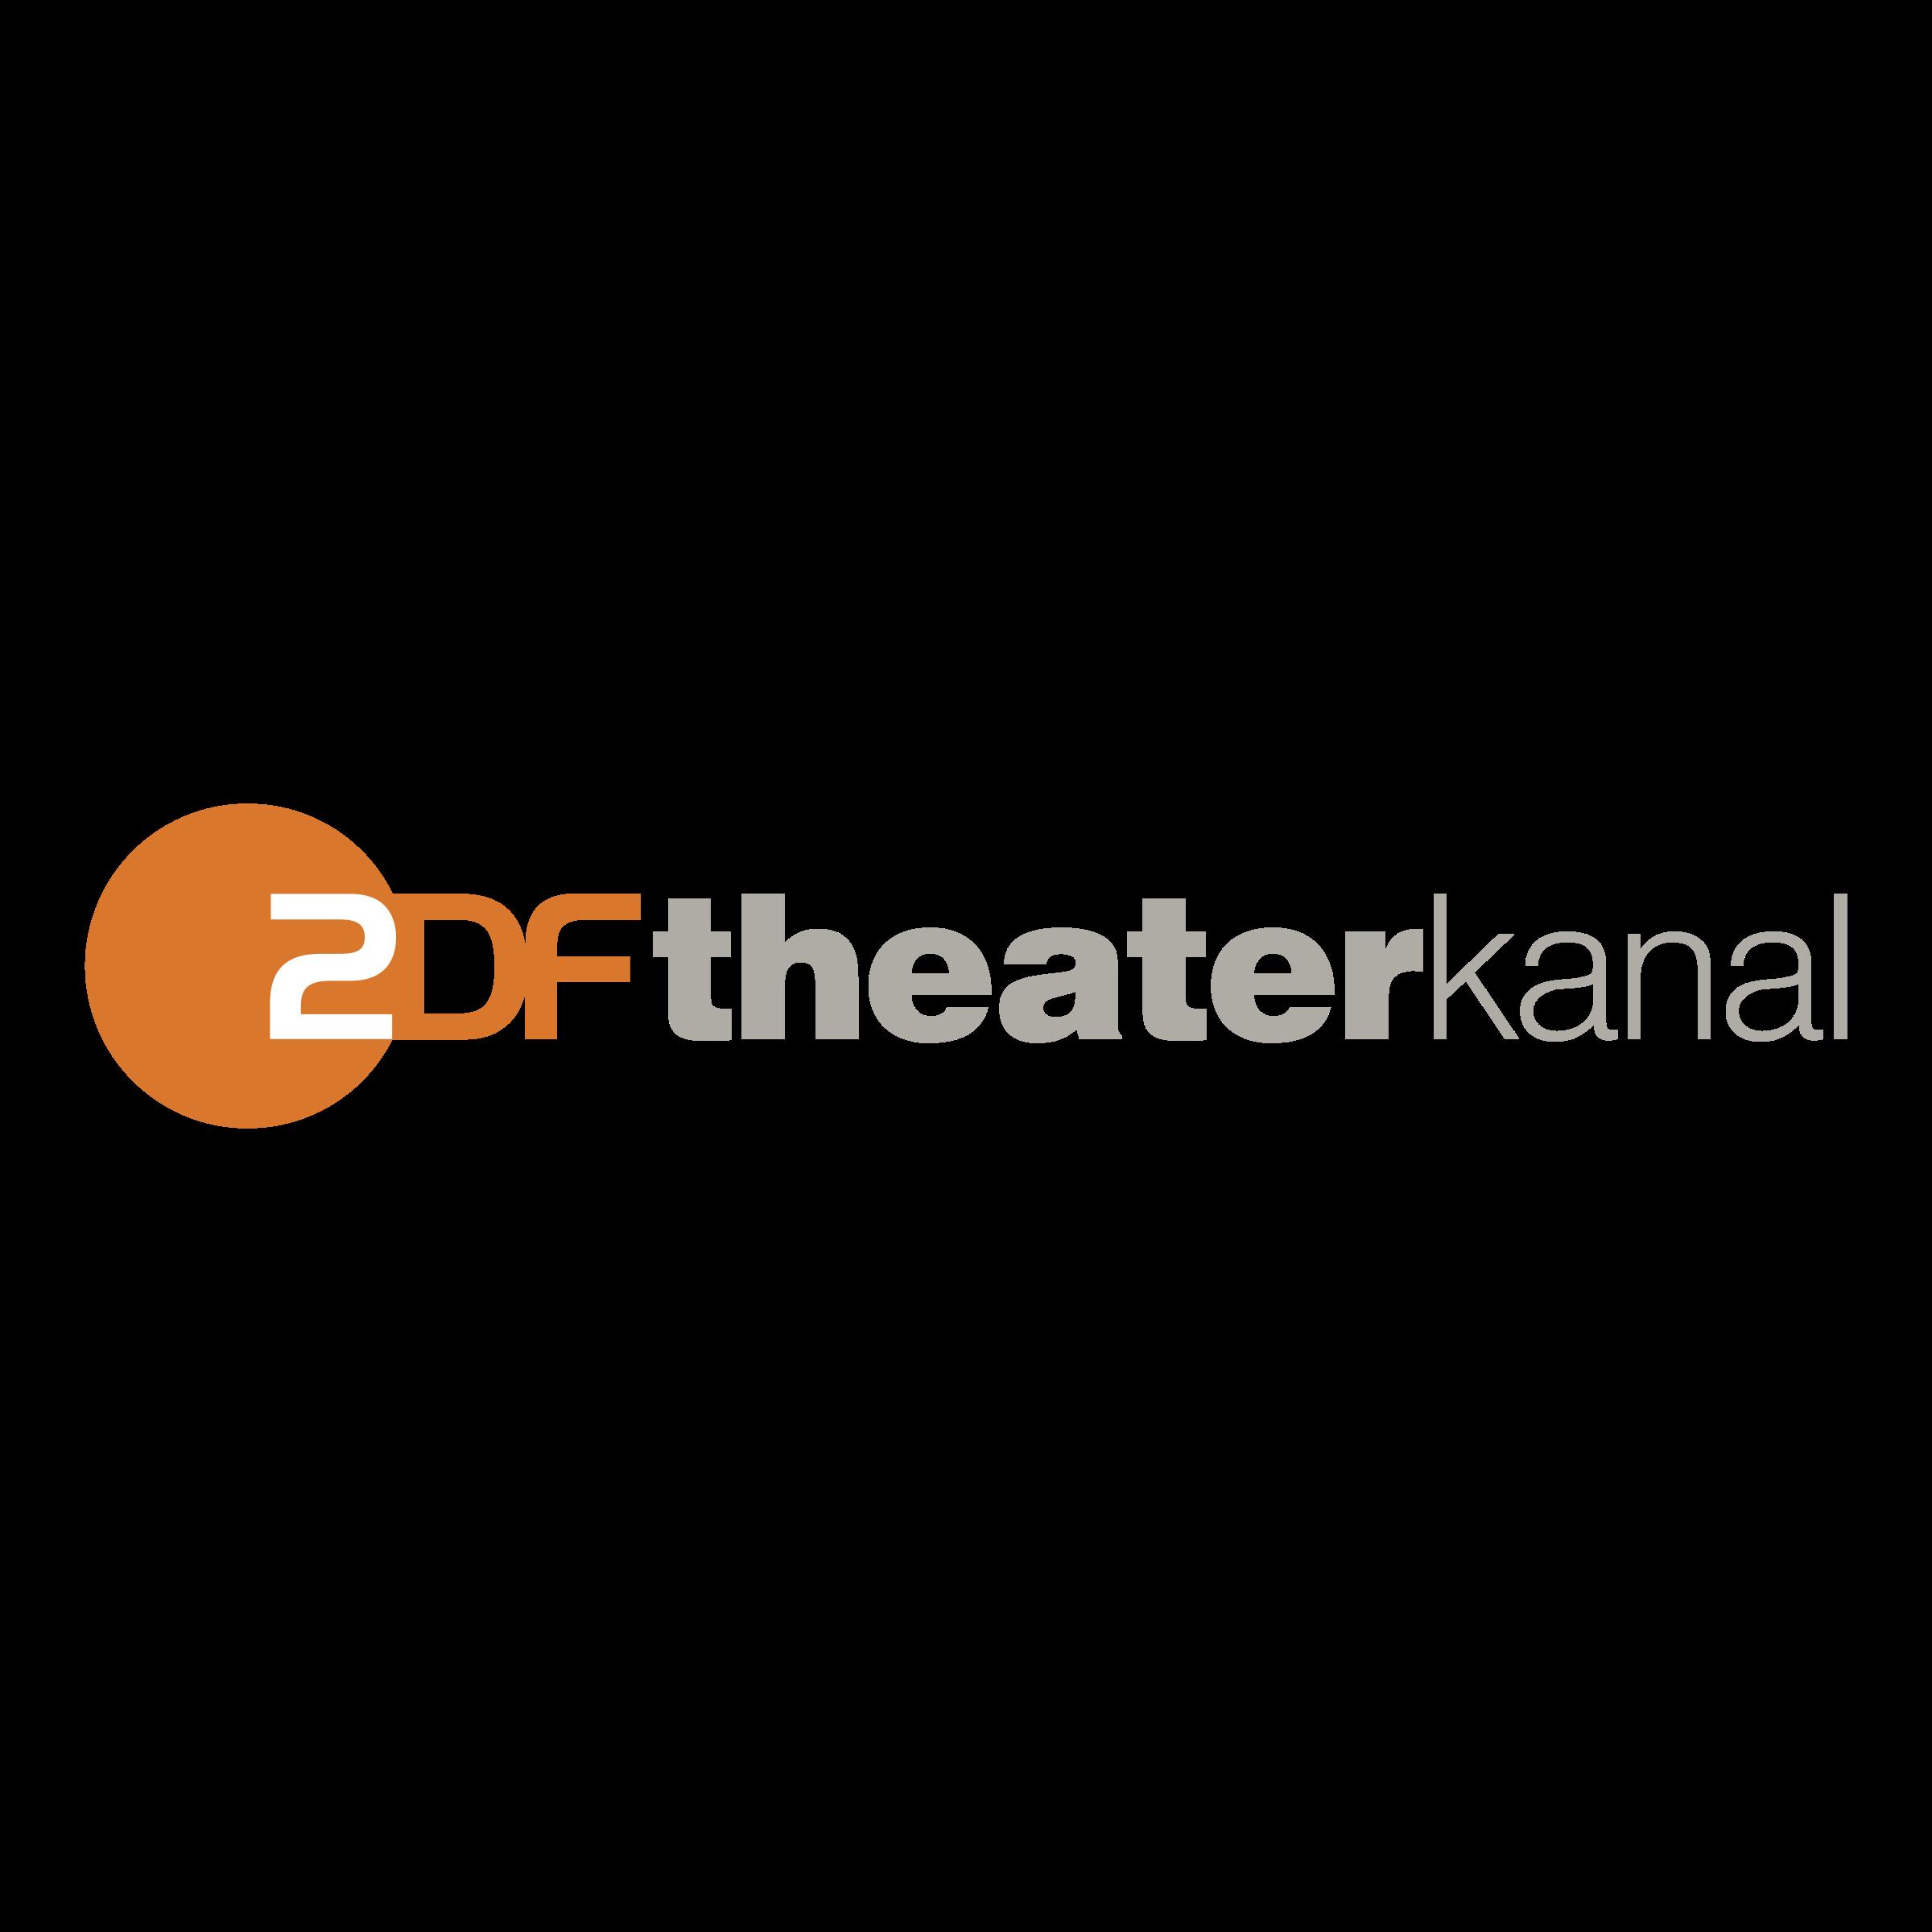 ZDF TheaterKanal Logo PNG Transparent & SVG Vector.